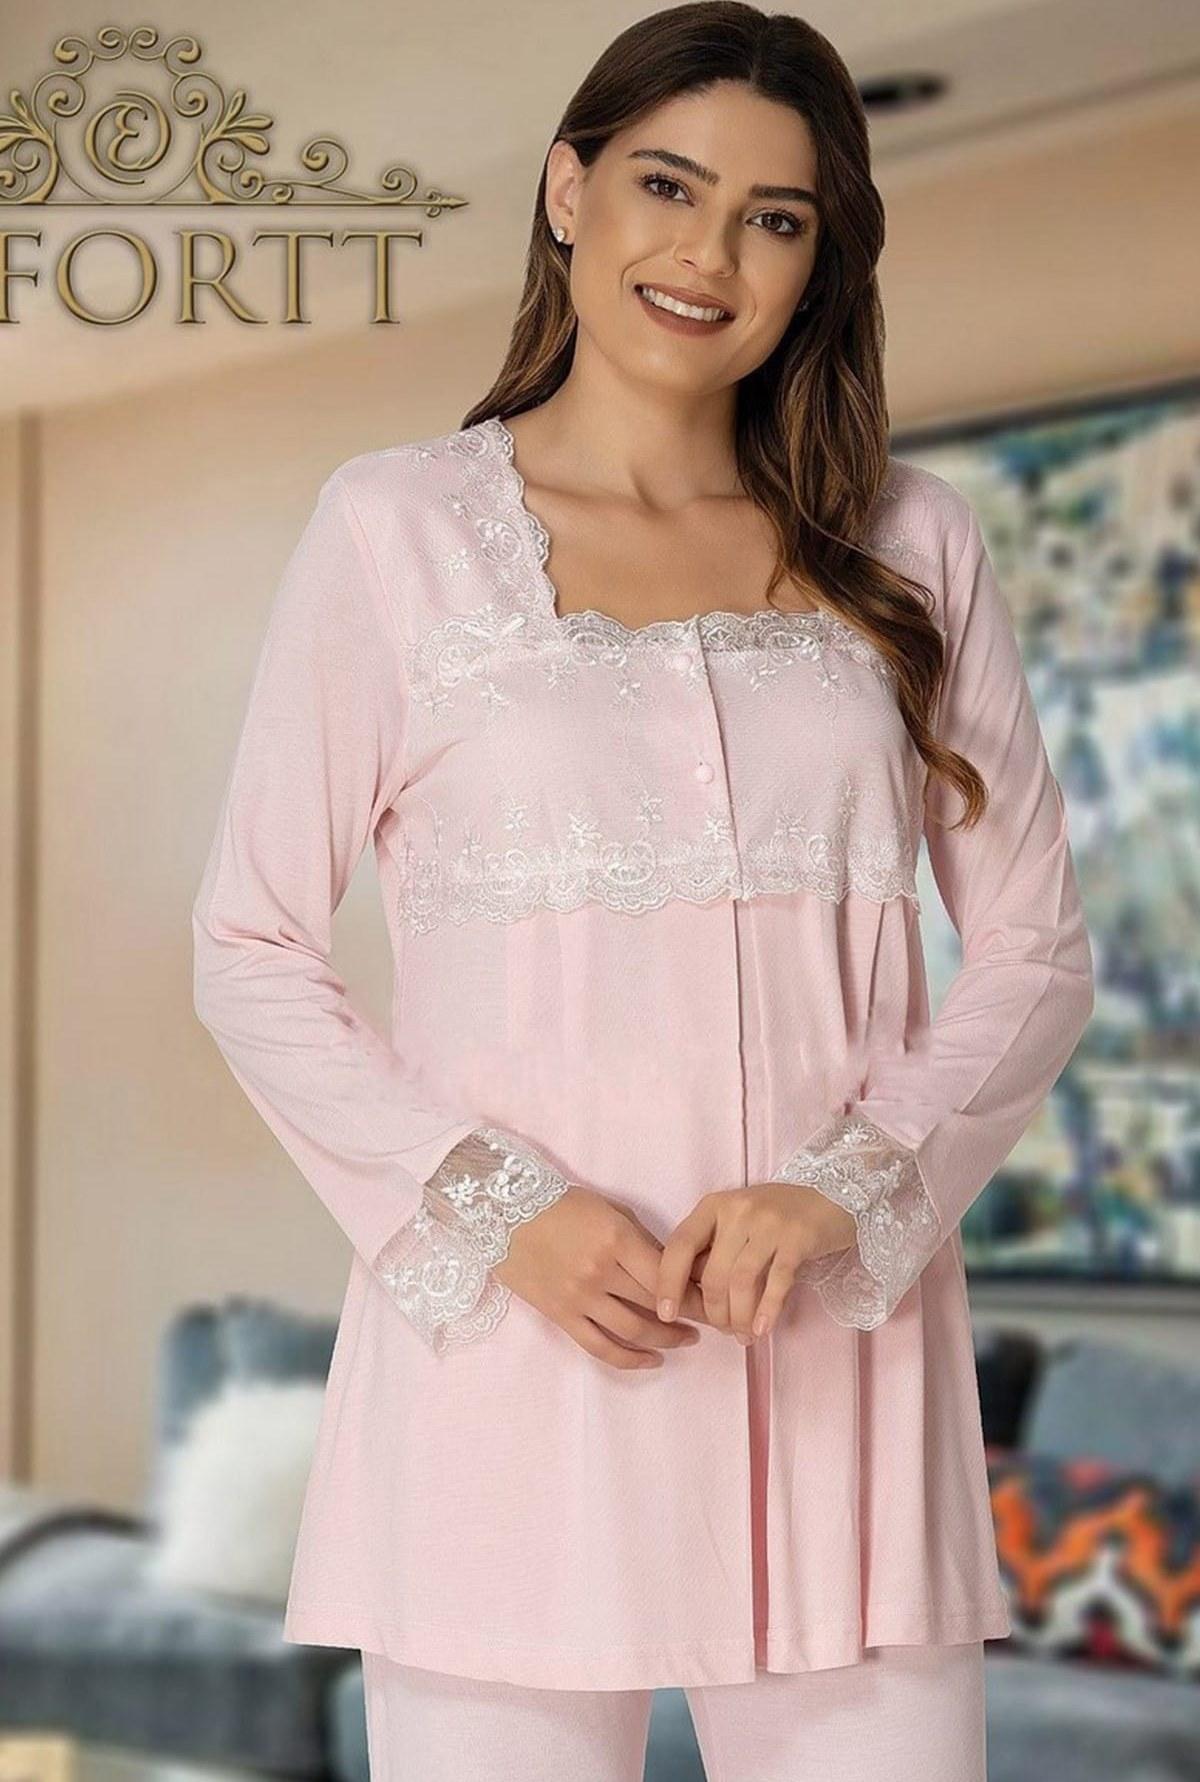 لباس راحتی بارداری برند Effort Pijama کد 1603931461